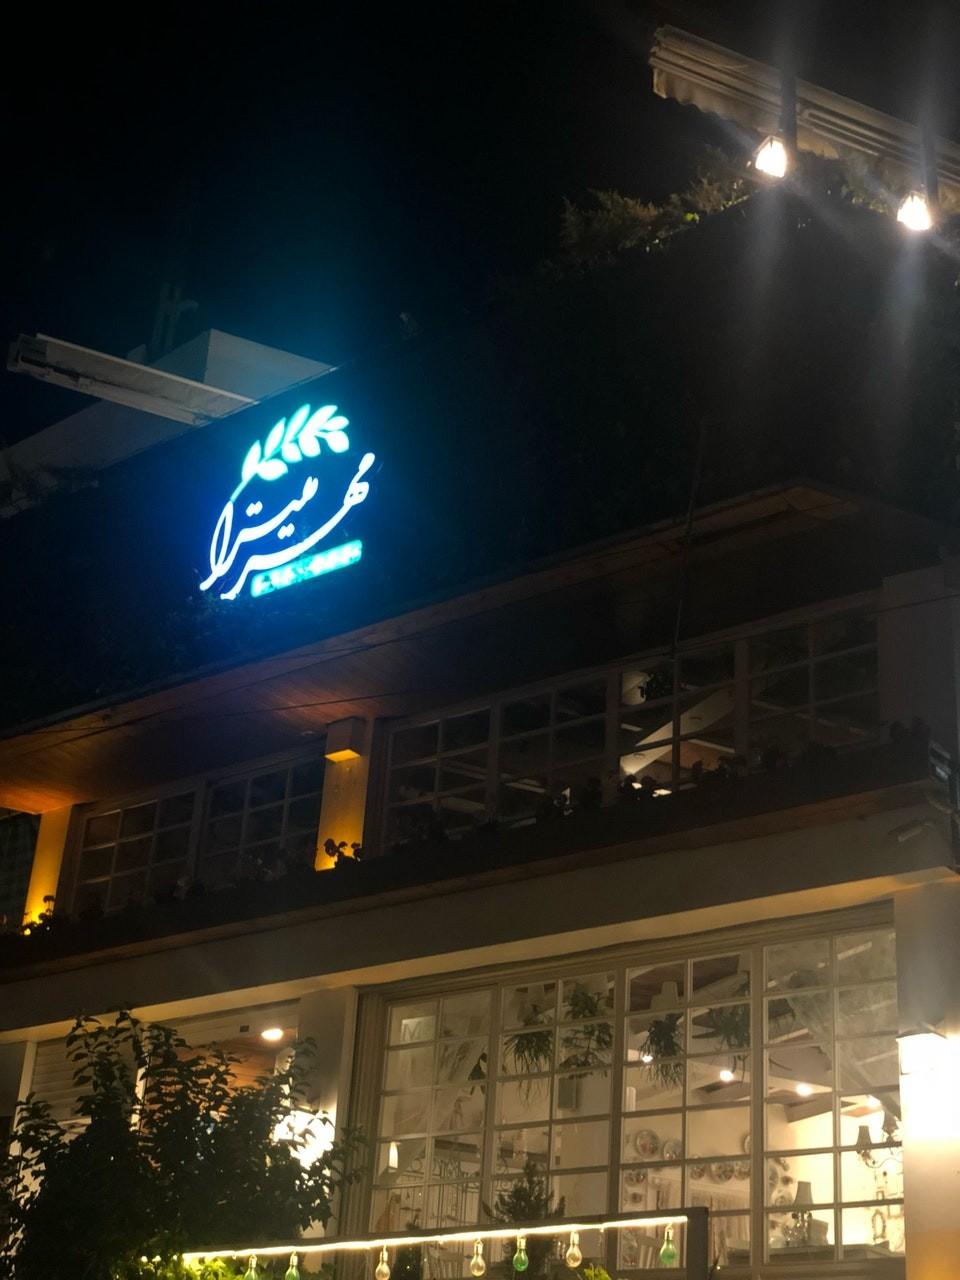 کافه رستوران گیاهی مهر میترا